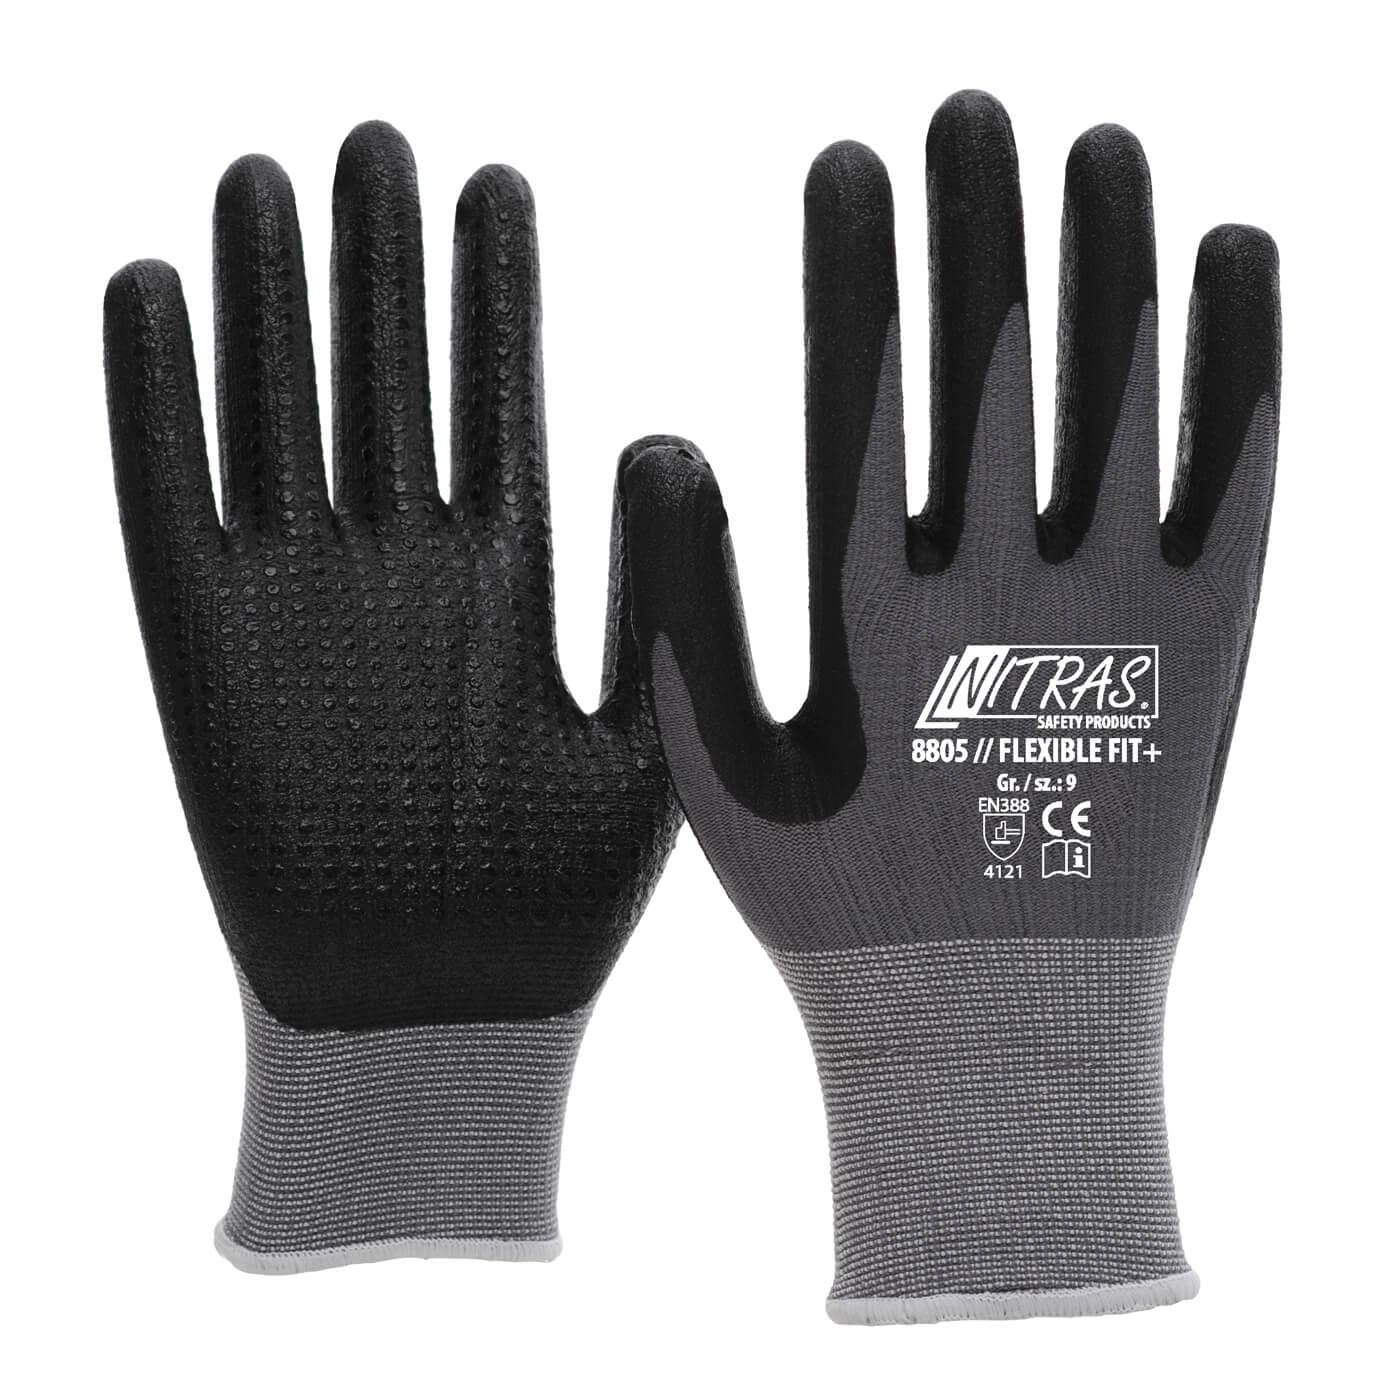 Rękawice montażowe Nitras 8805/ FLEXIBLE FIT+